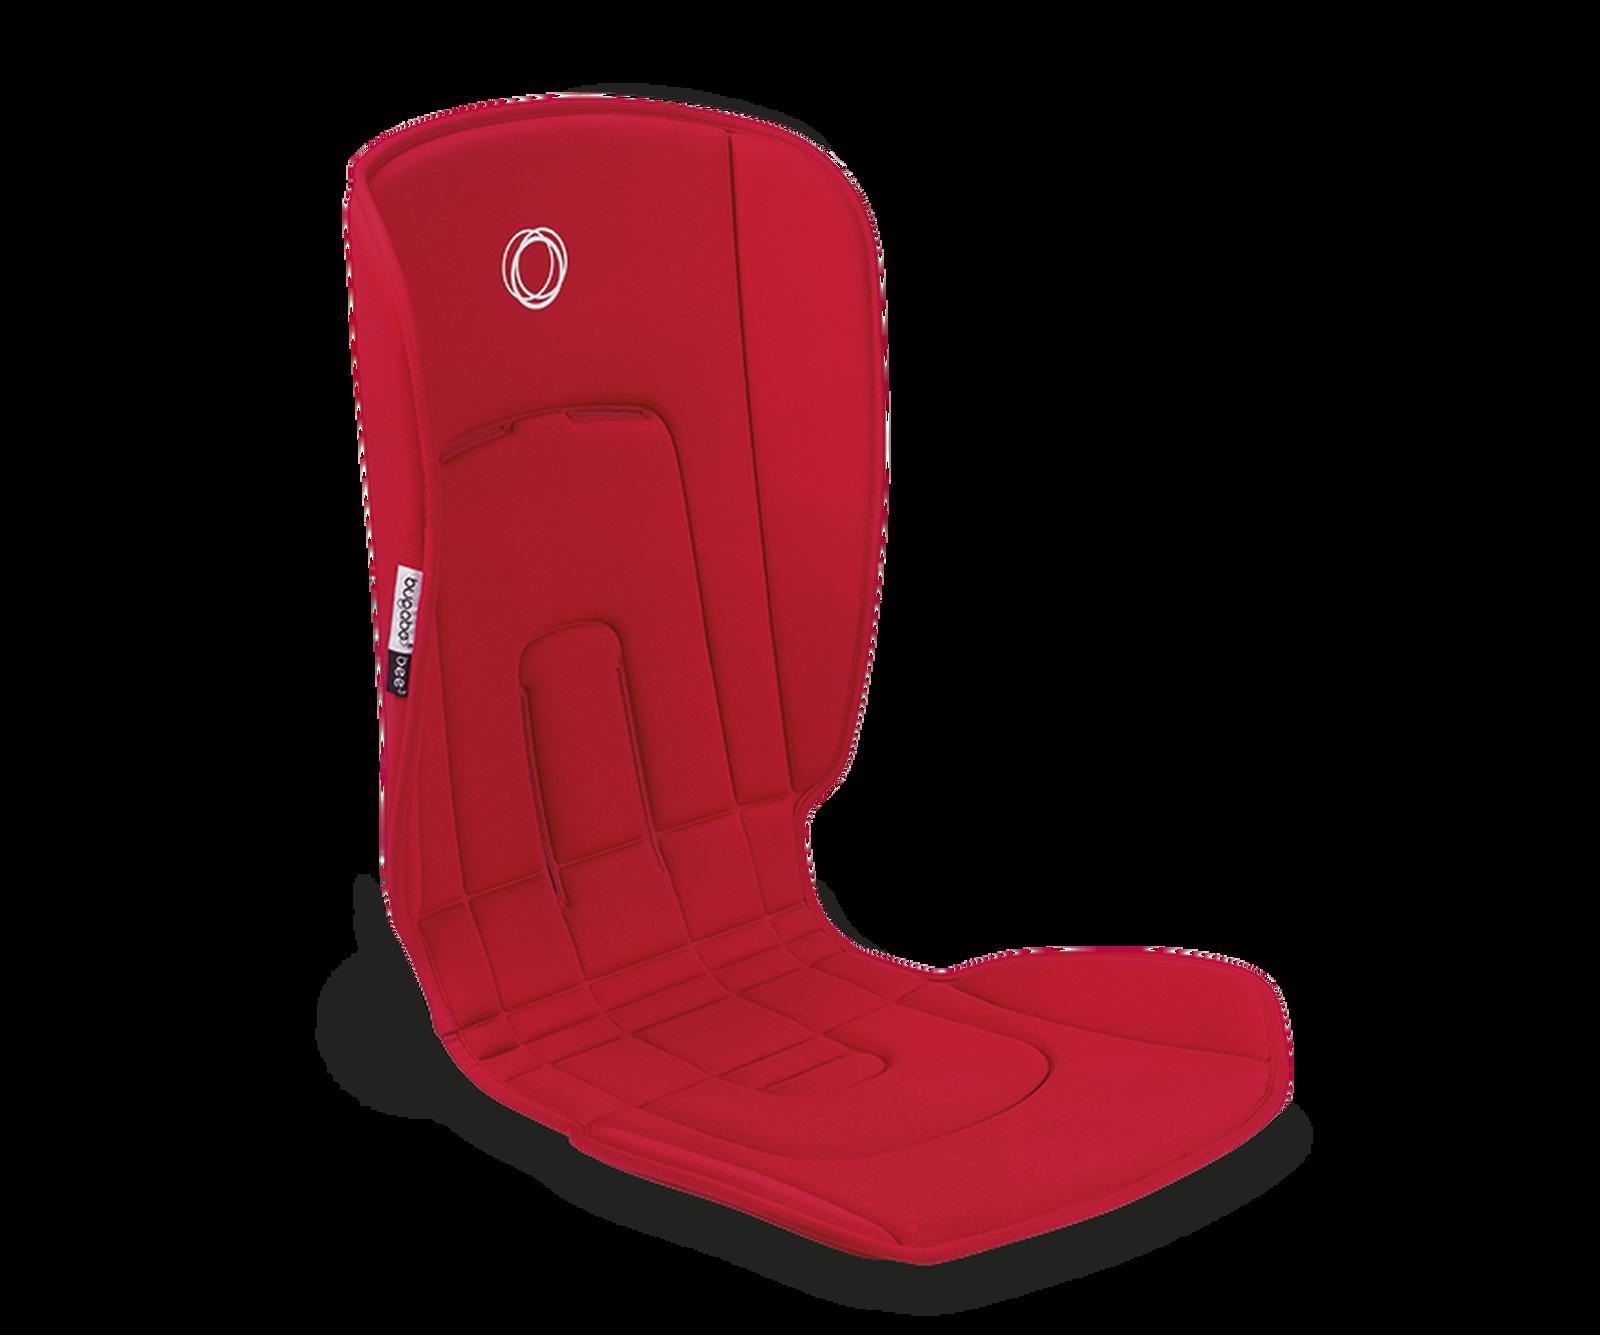 Bugaboo Bee 3 seat fabric